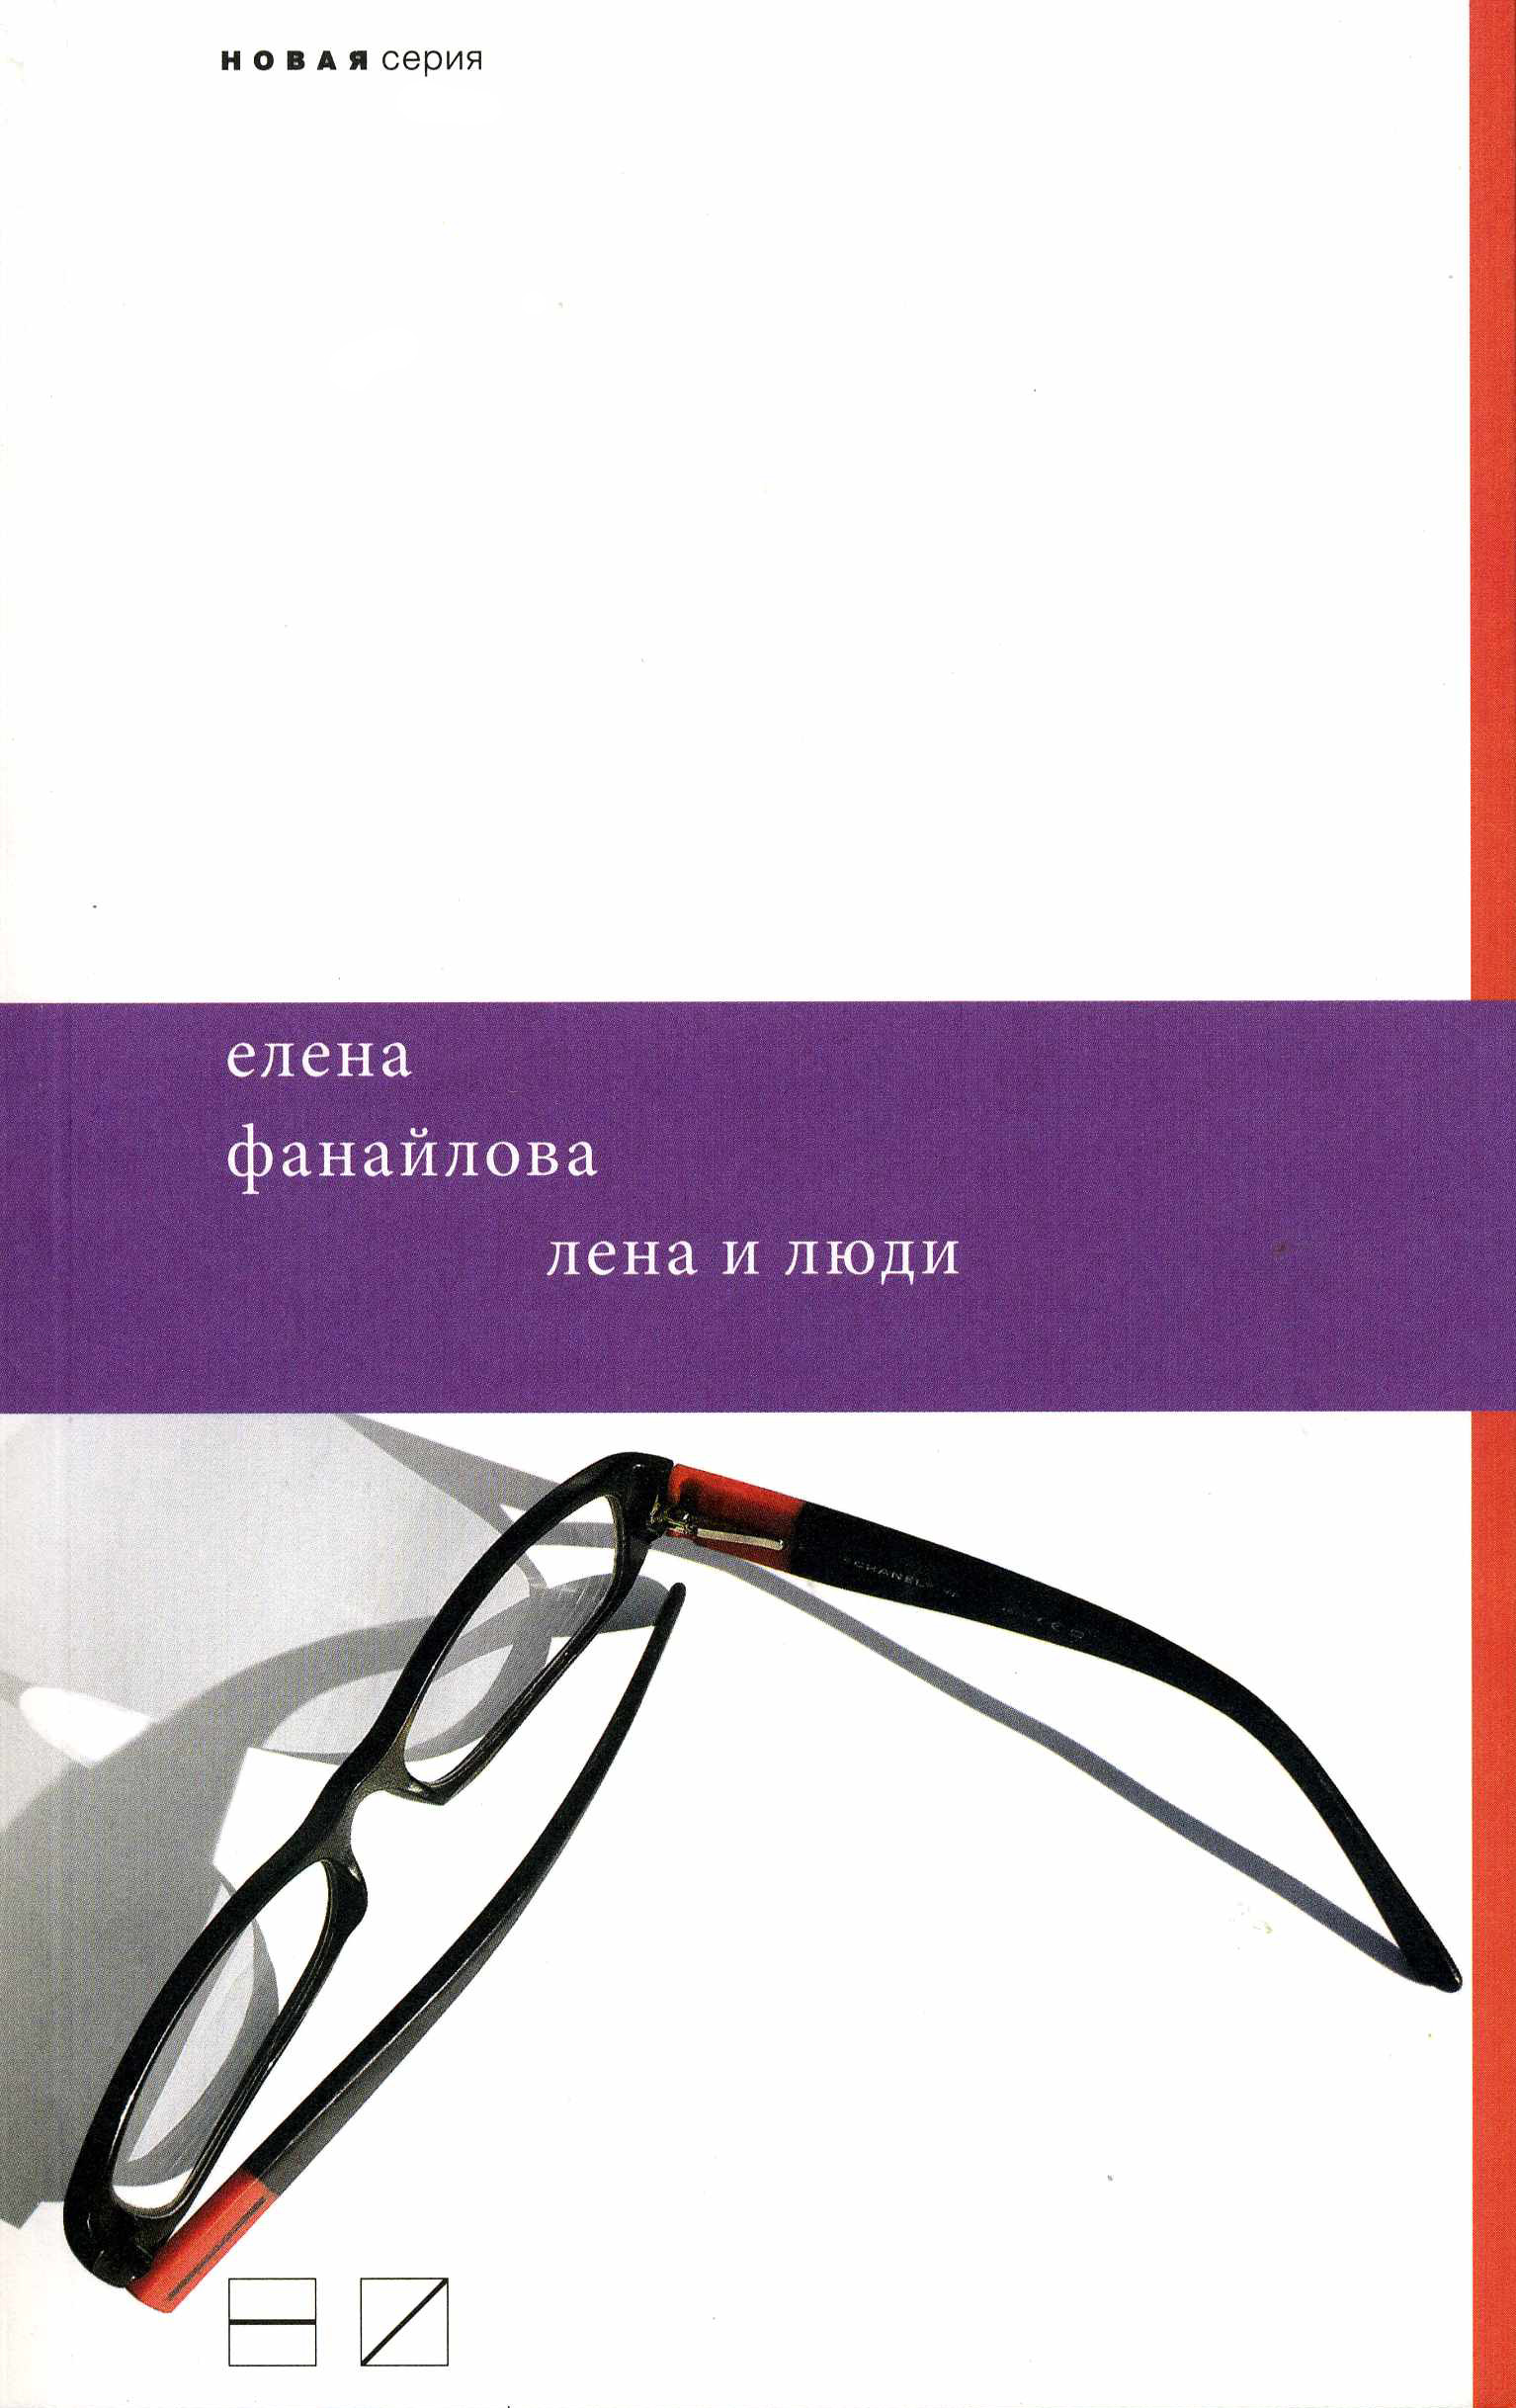 Елена Фанайлова Лена и люди лена ленина миллиардер цифровая версия